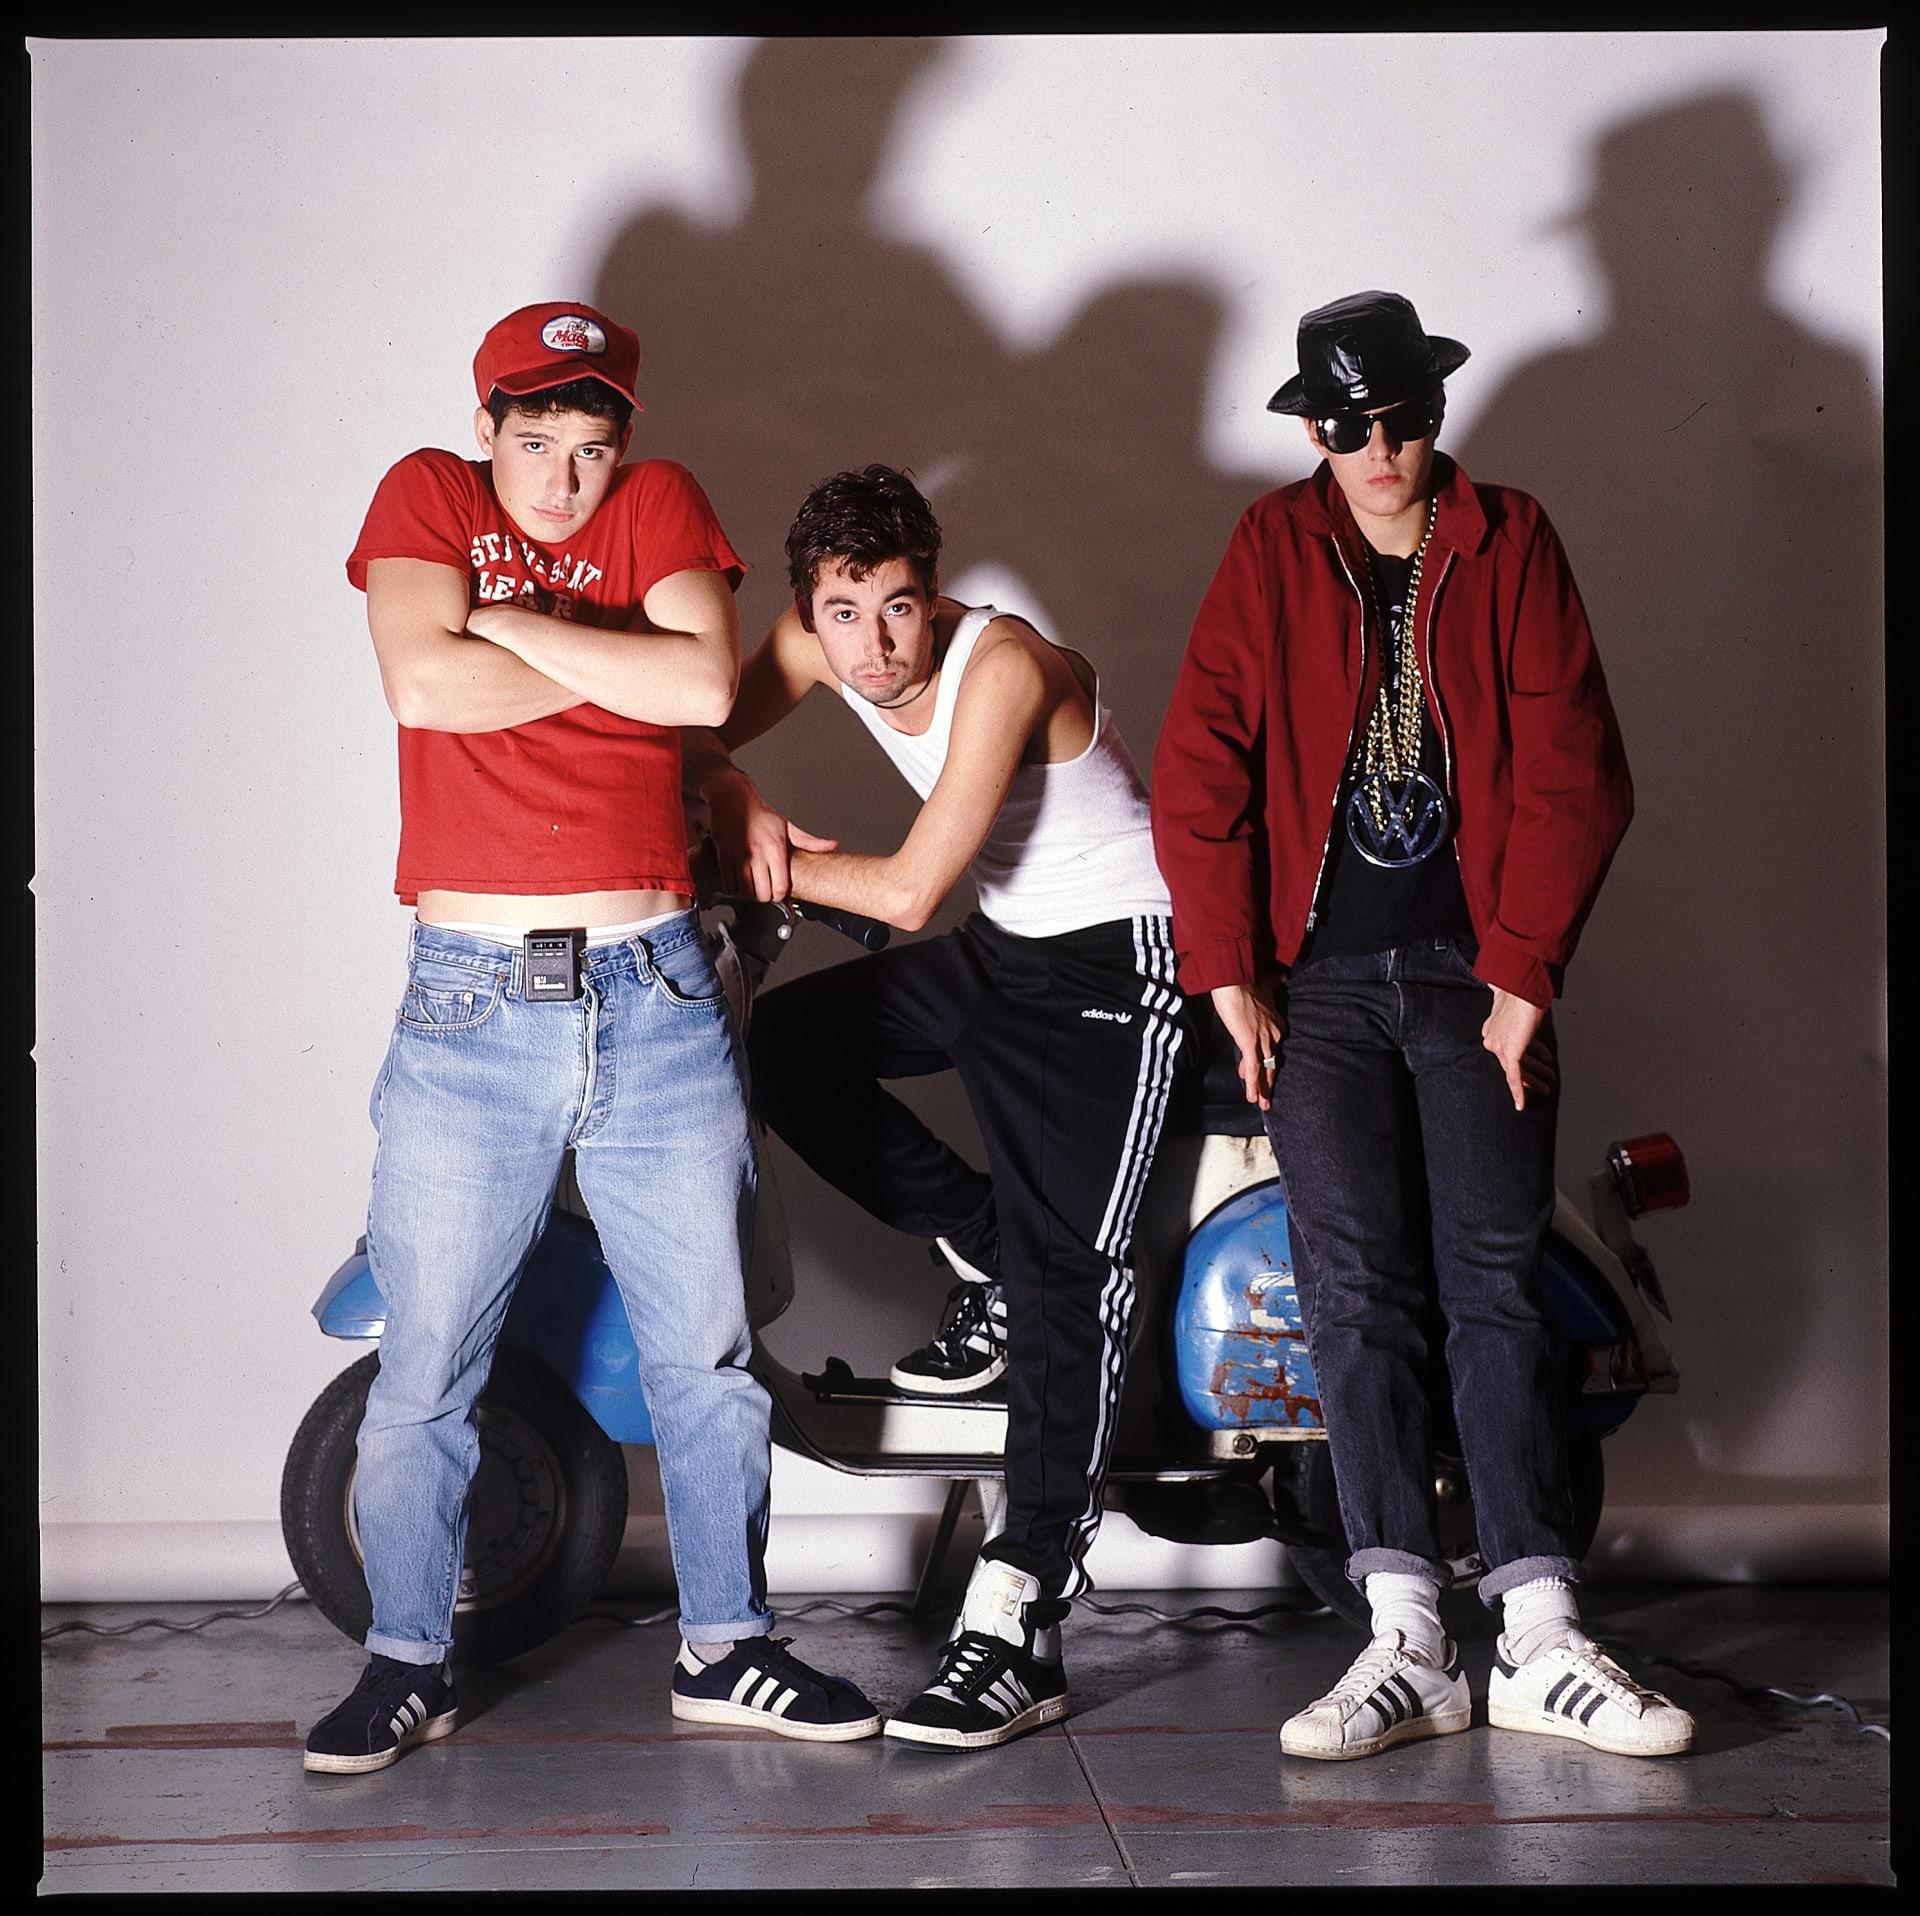 Os Beastie Boys em 1986 usando Adidas Campus, Concord e Super Star / Reprodução